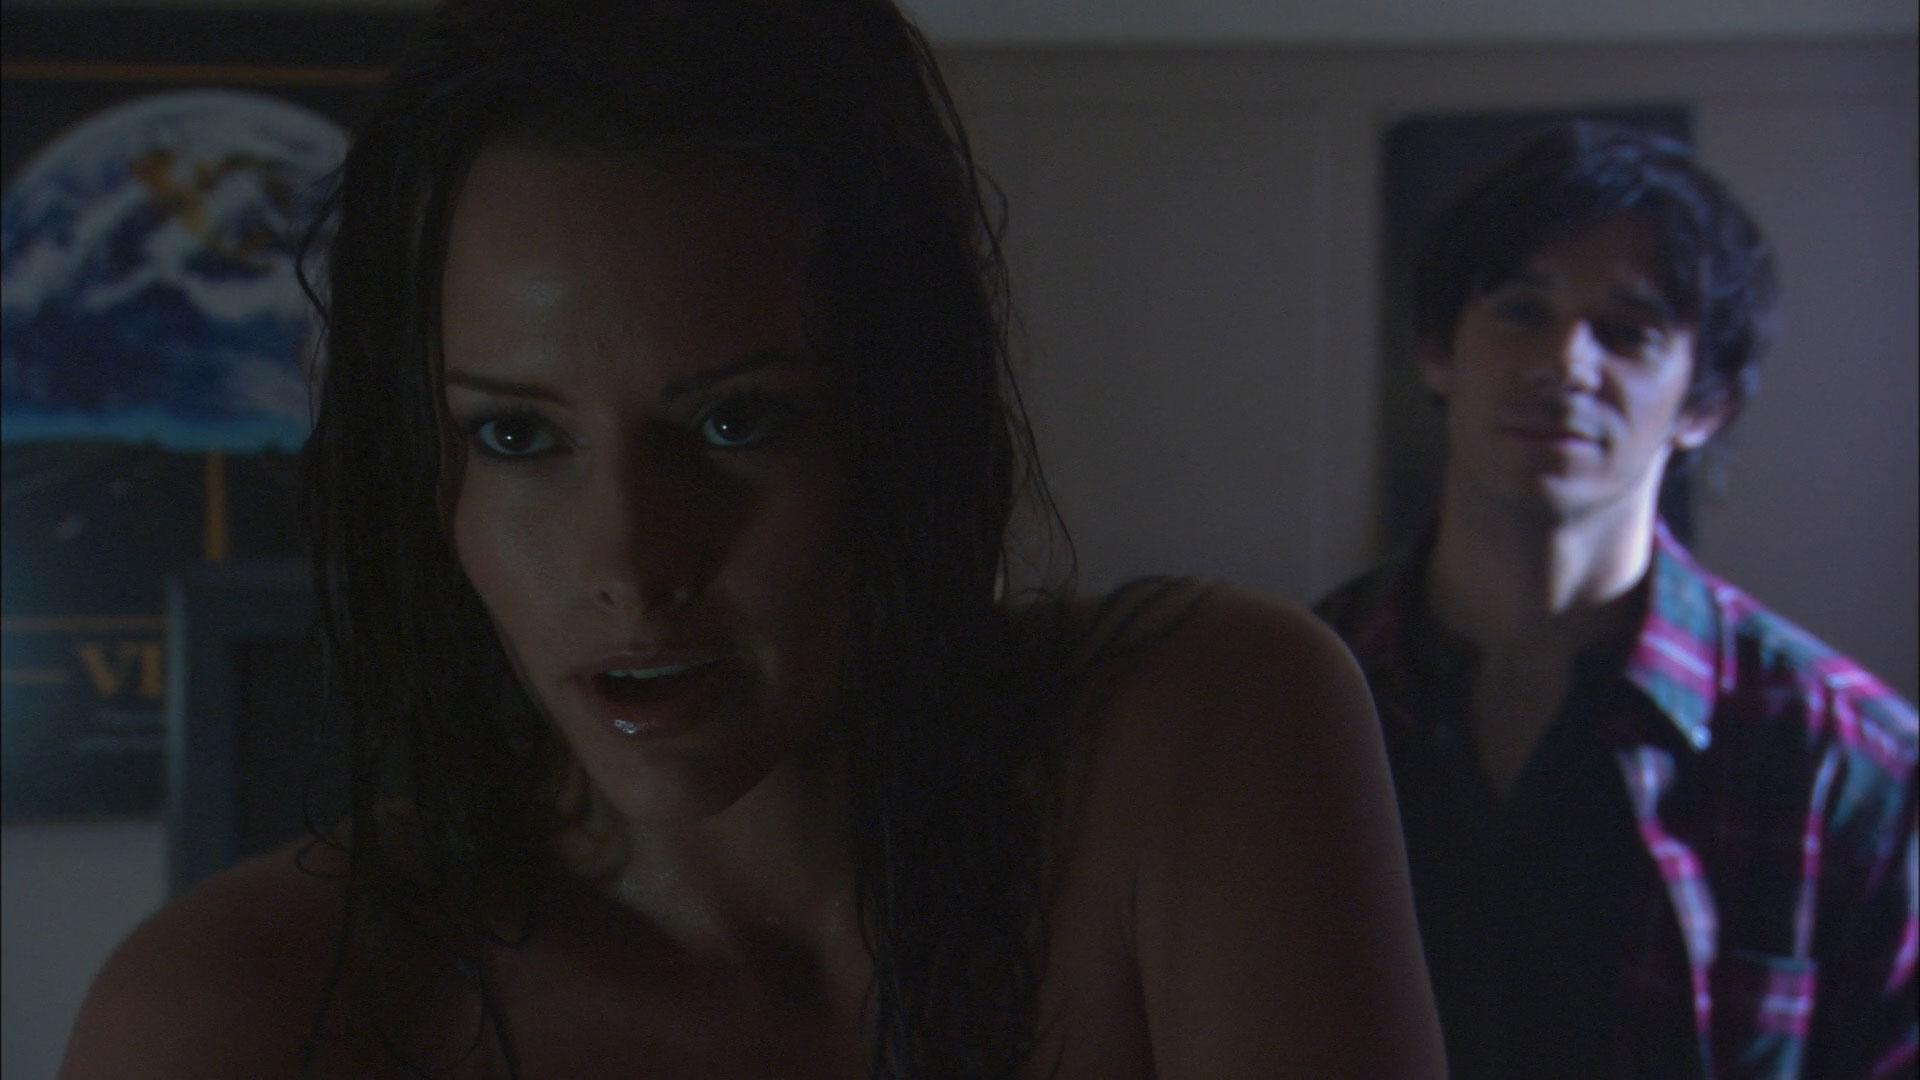 Amelia Cooke Sex Scene species iii / species: the awakening - scream factory review